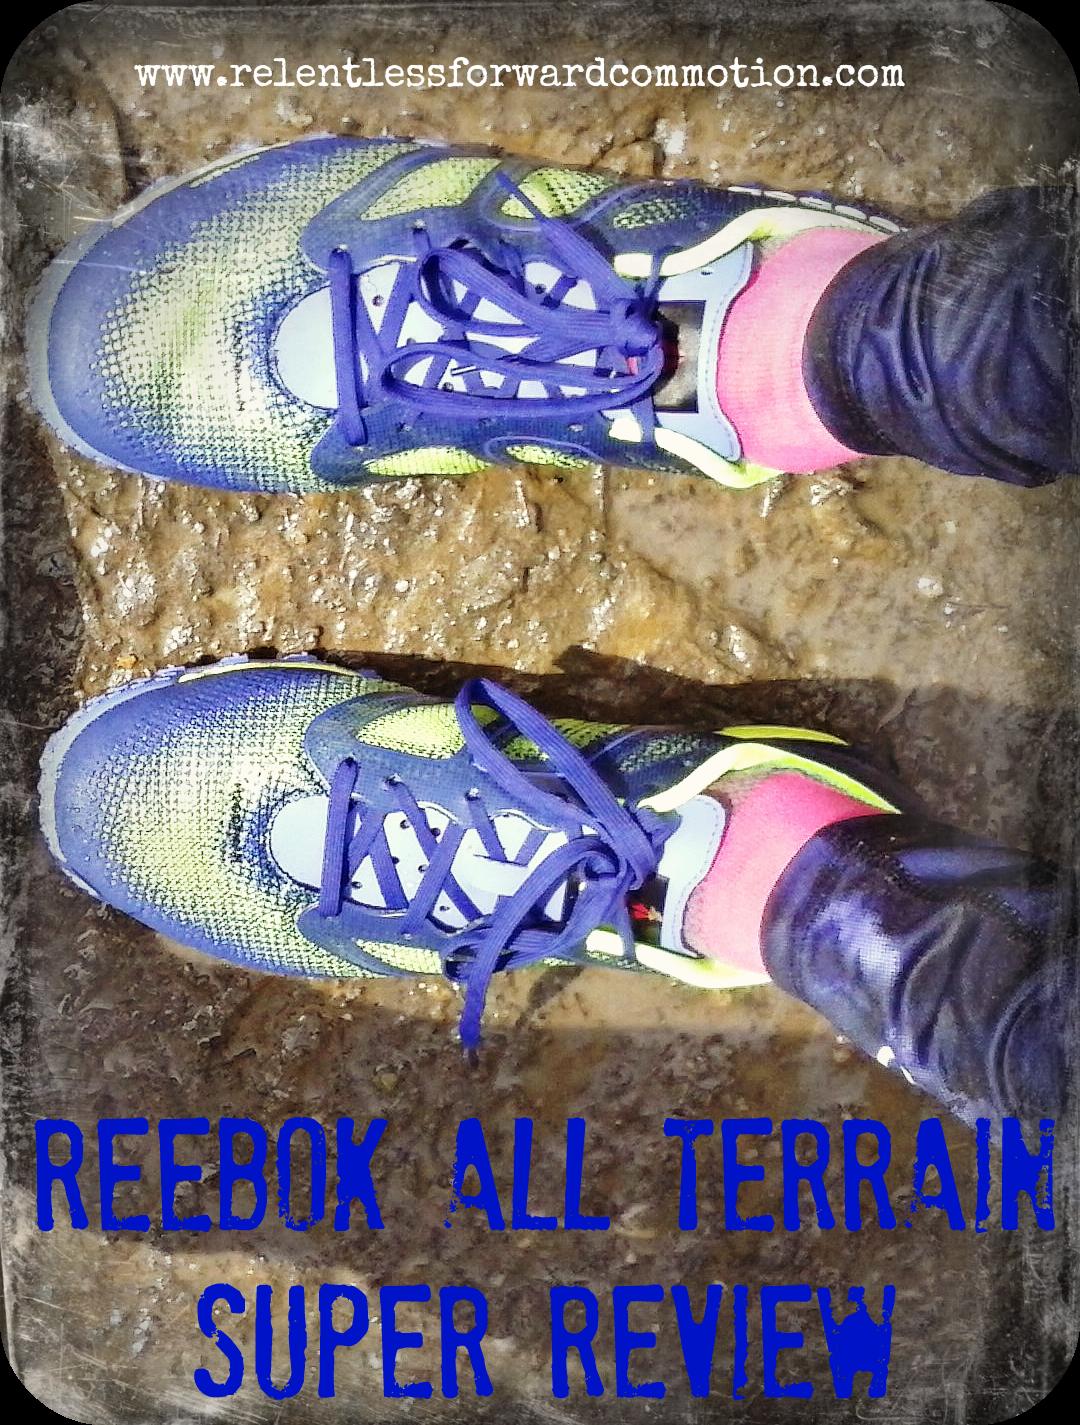 Reebok All Terrain Super Review (OCRSpartan Shoe) | Reebok